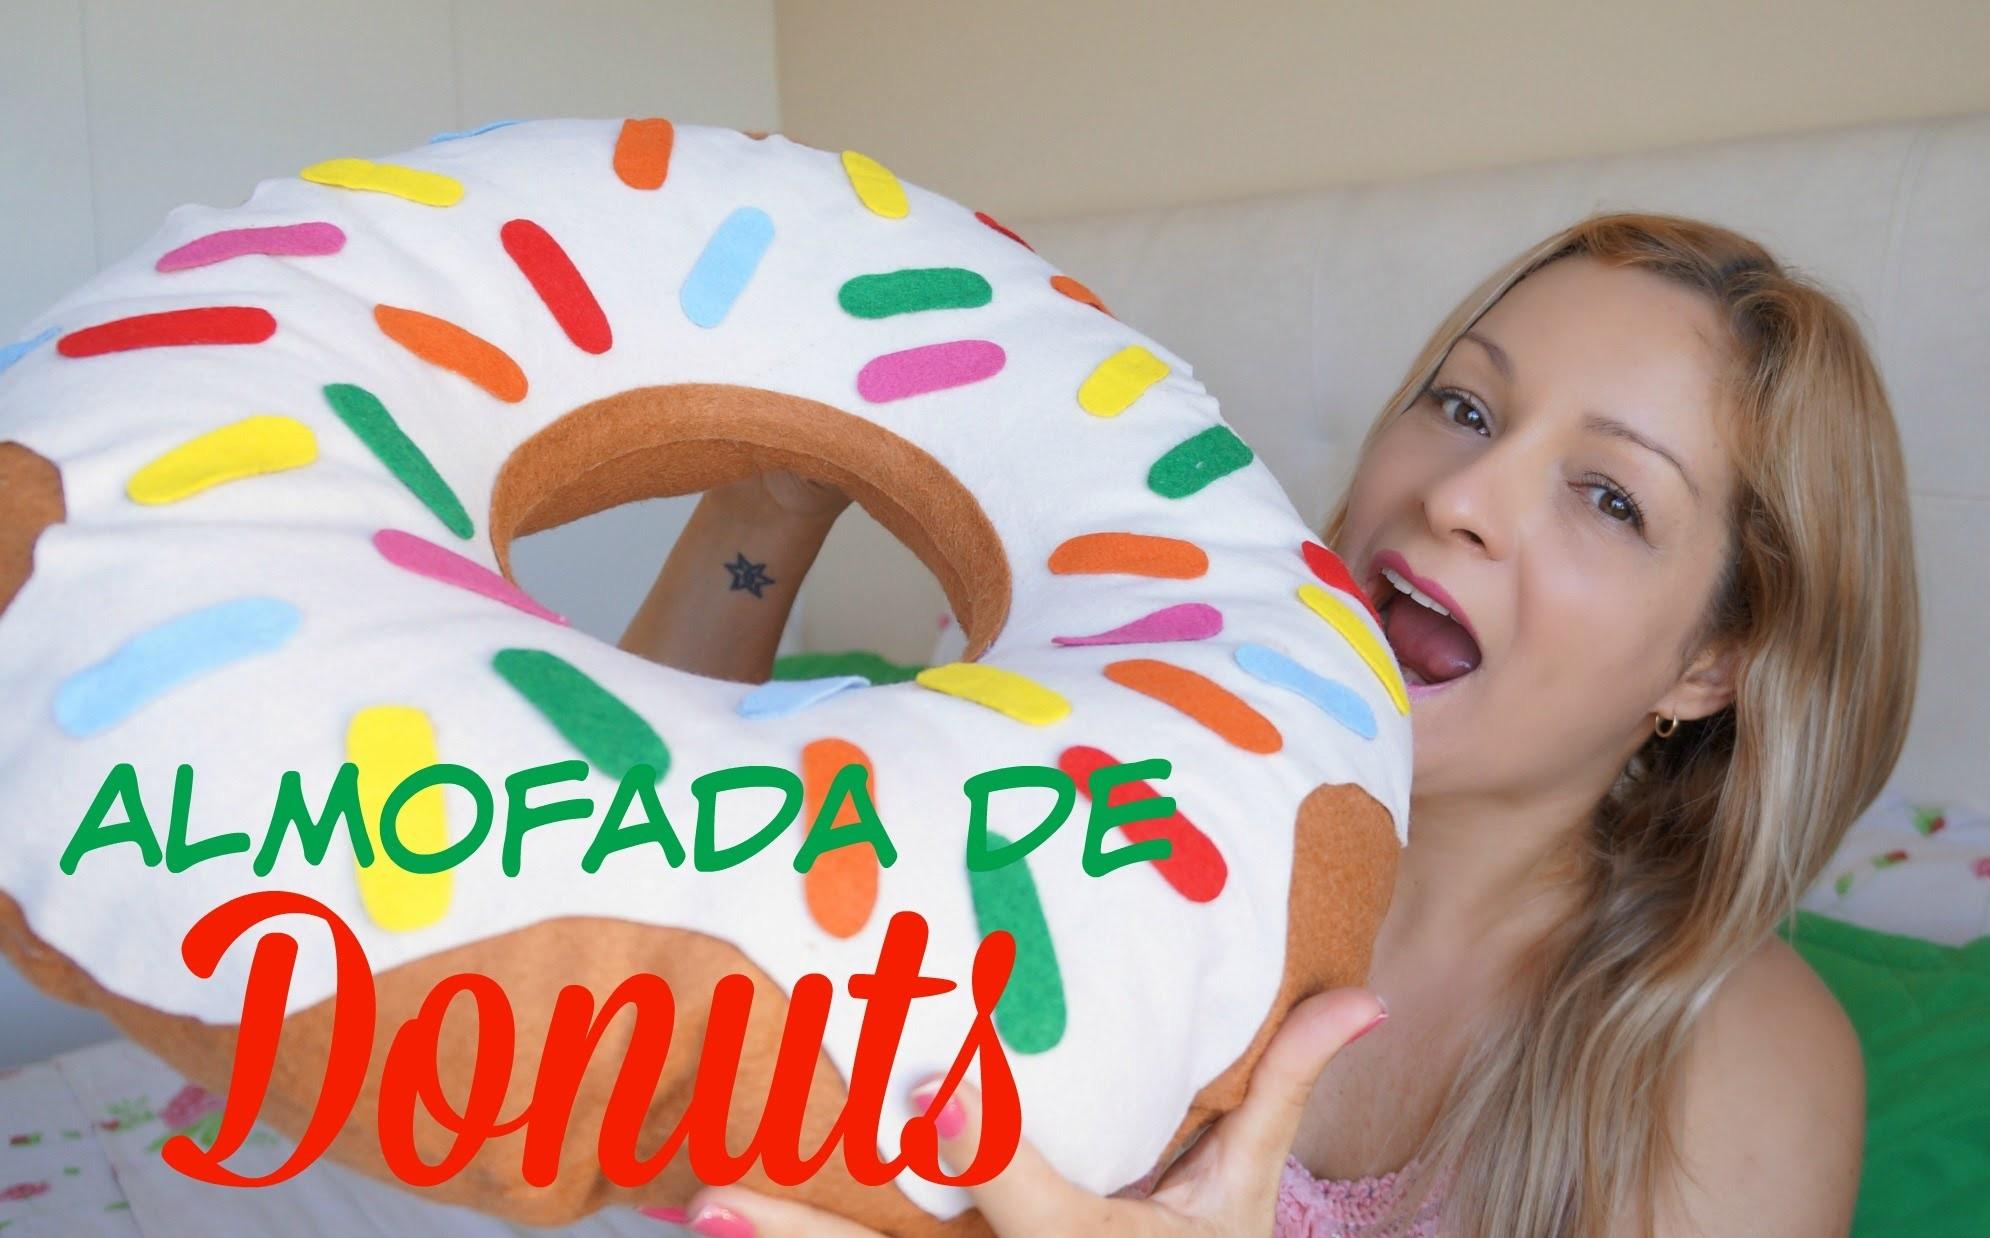 Almofada de Donuts | DIY Dia das Crianças